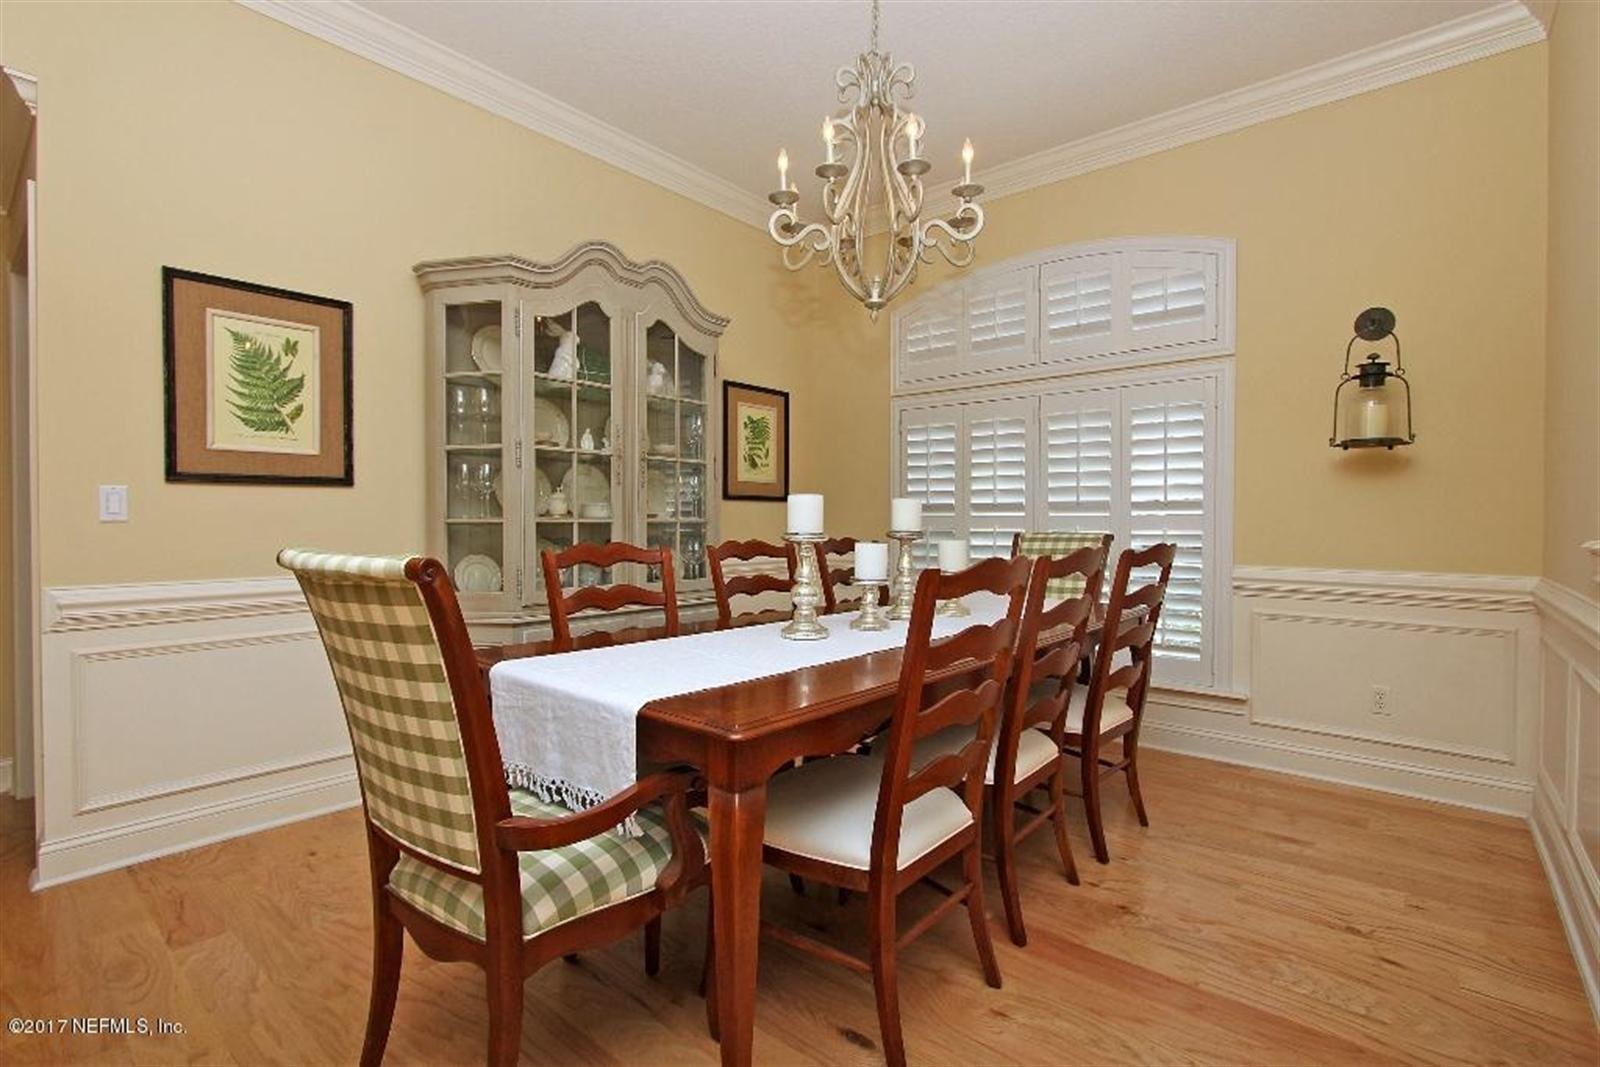 Real Estate Photography - 1101 Avondale Pl, Saint Johns, FL, 32259 - Location 4